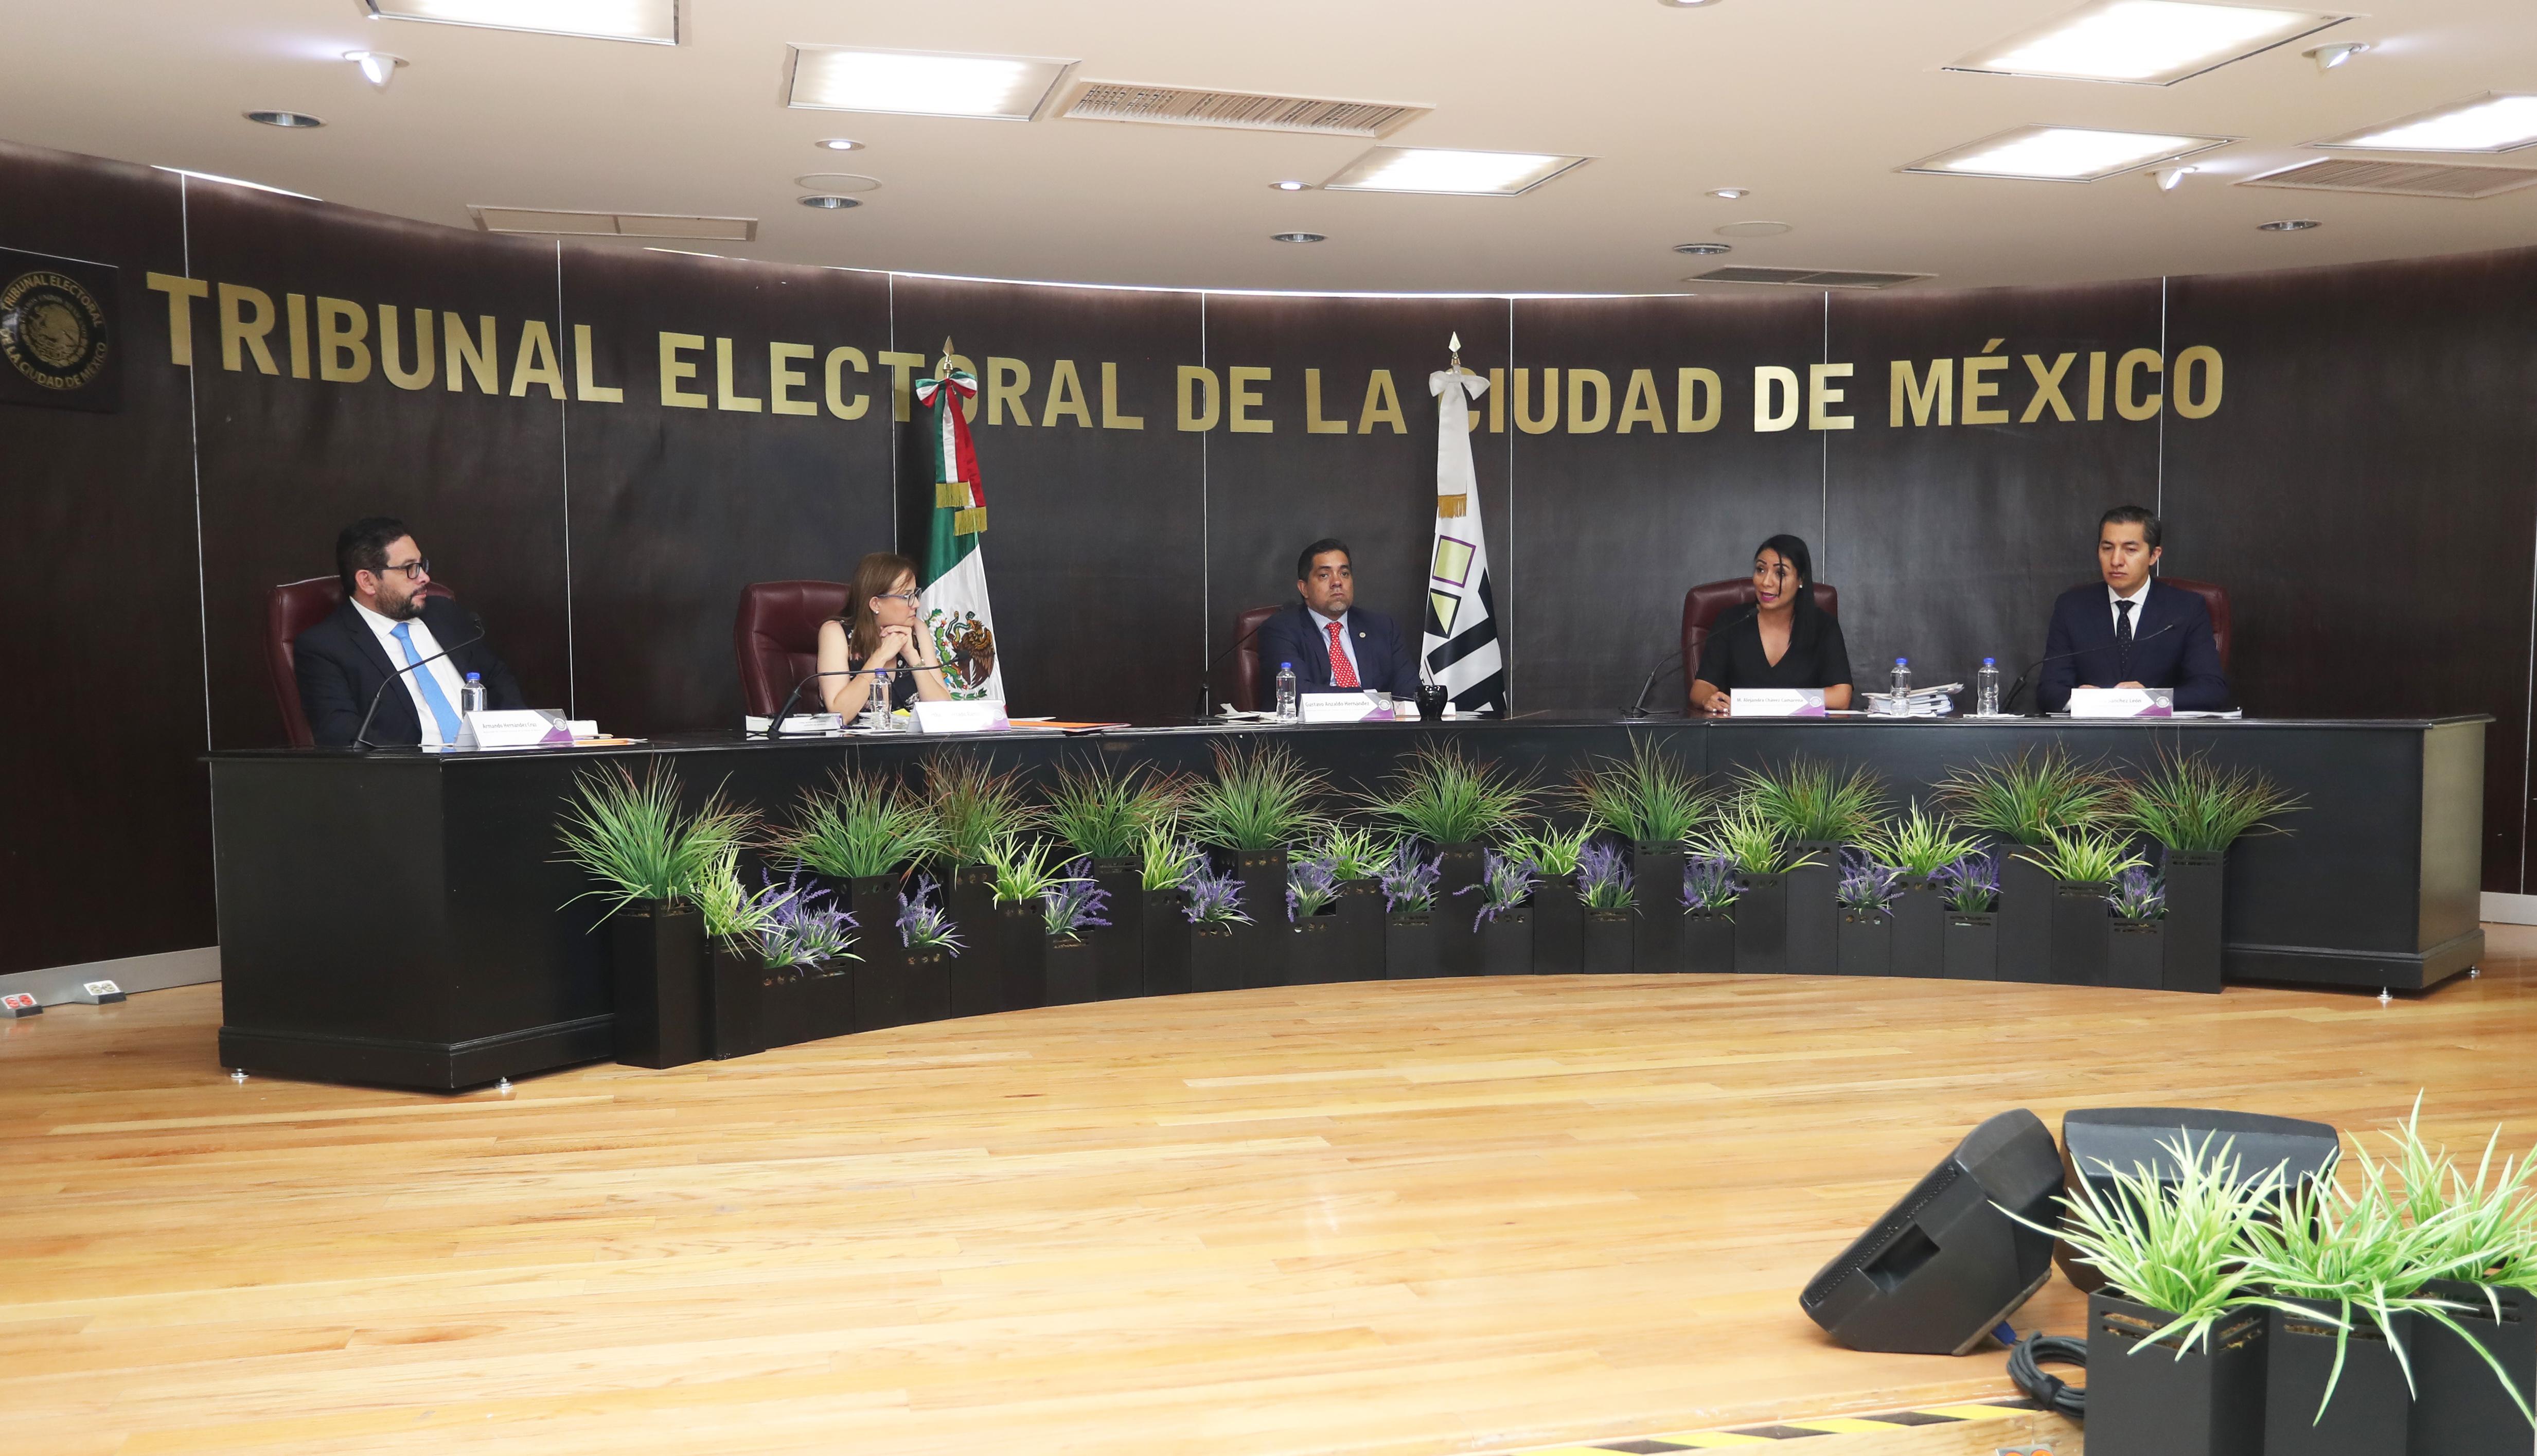 Anula TECDMX elección de Representante Tradicional de San Pedro Mártir en Tlalpan